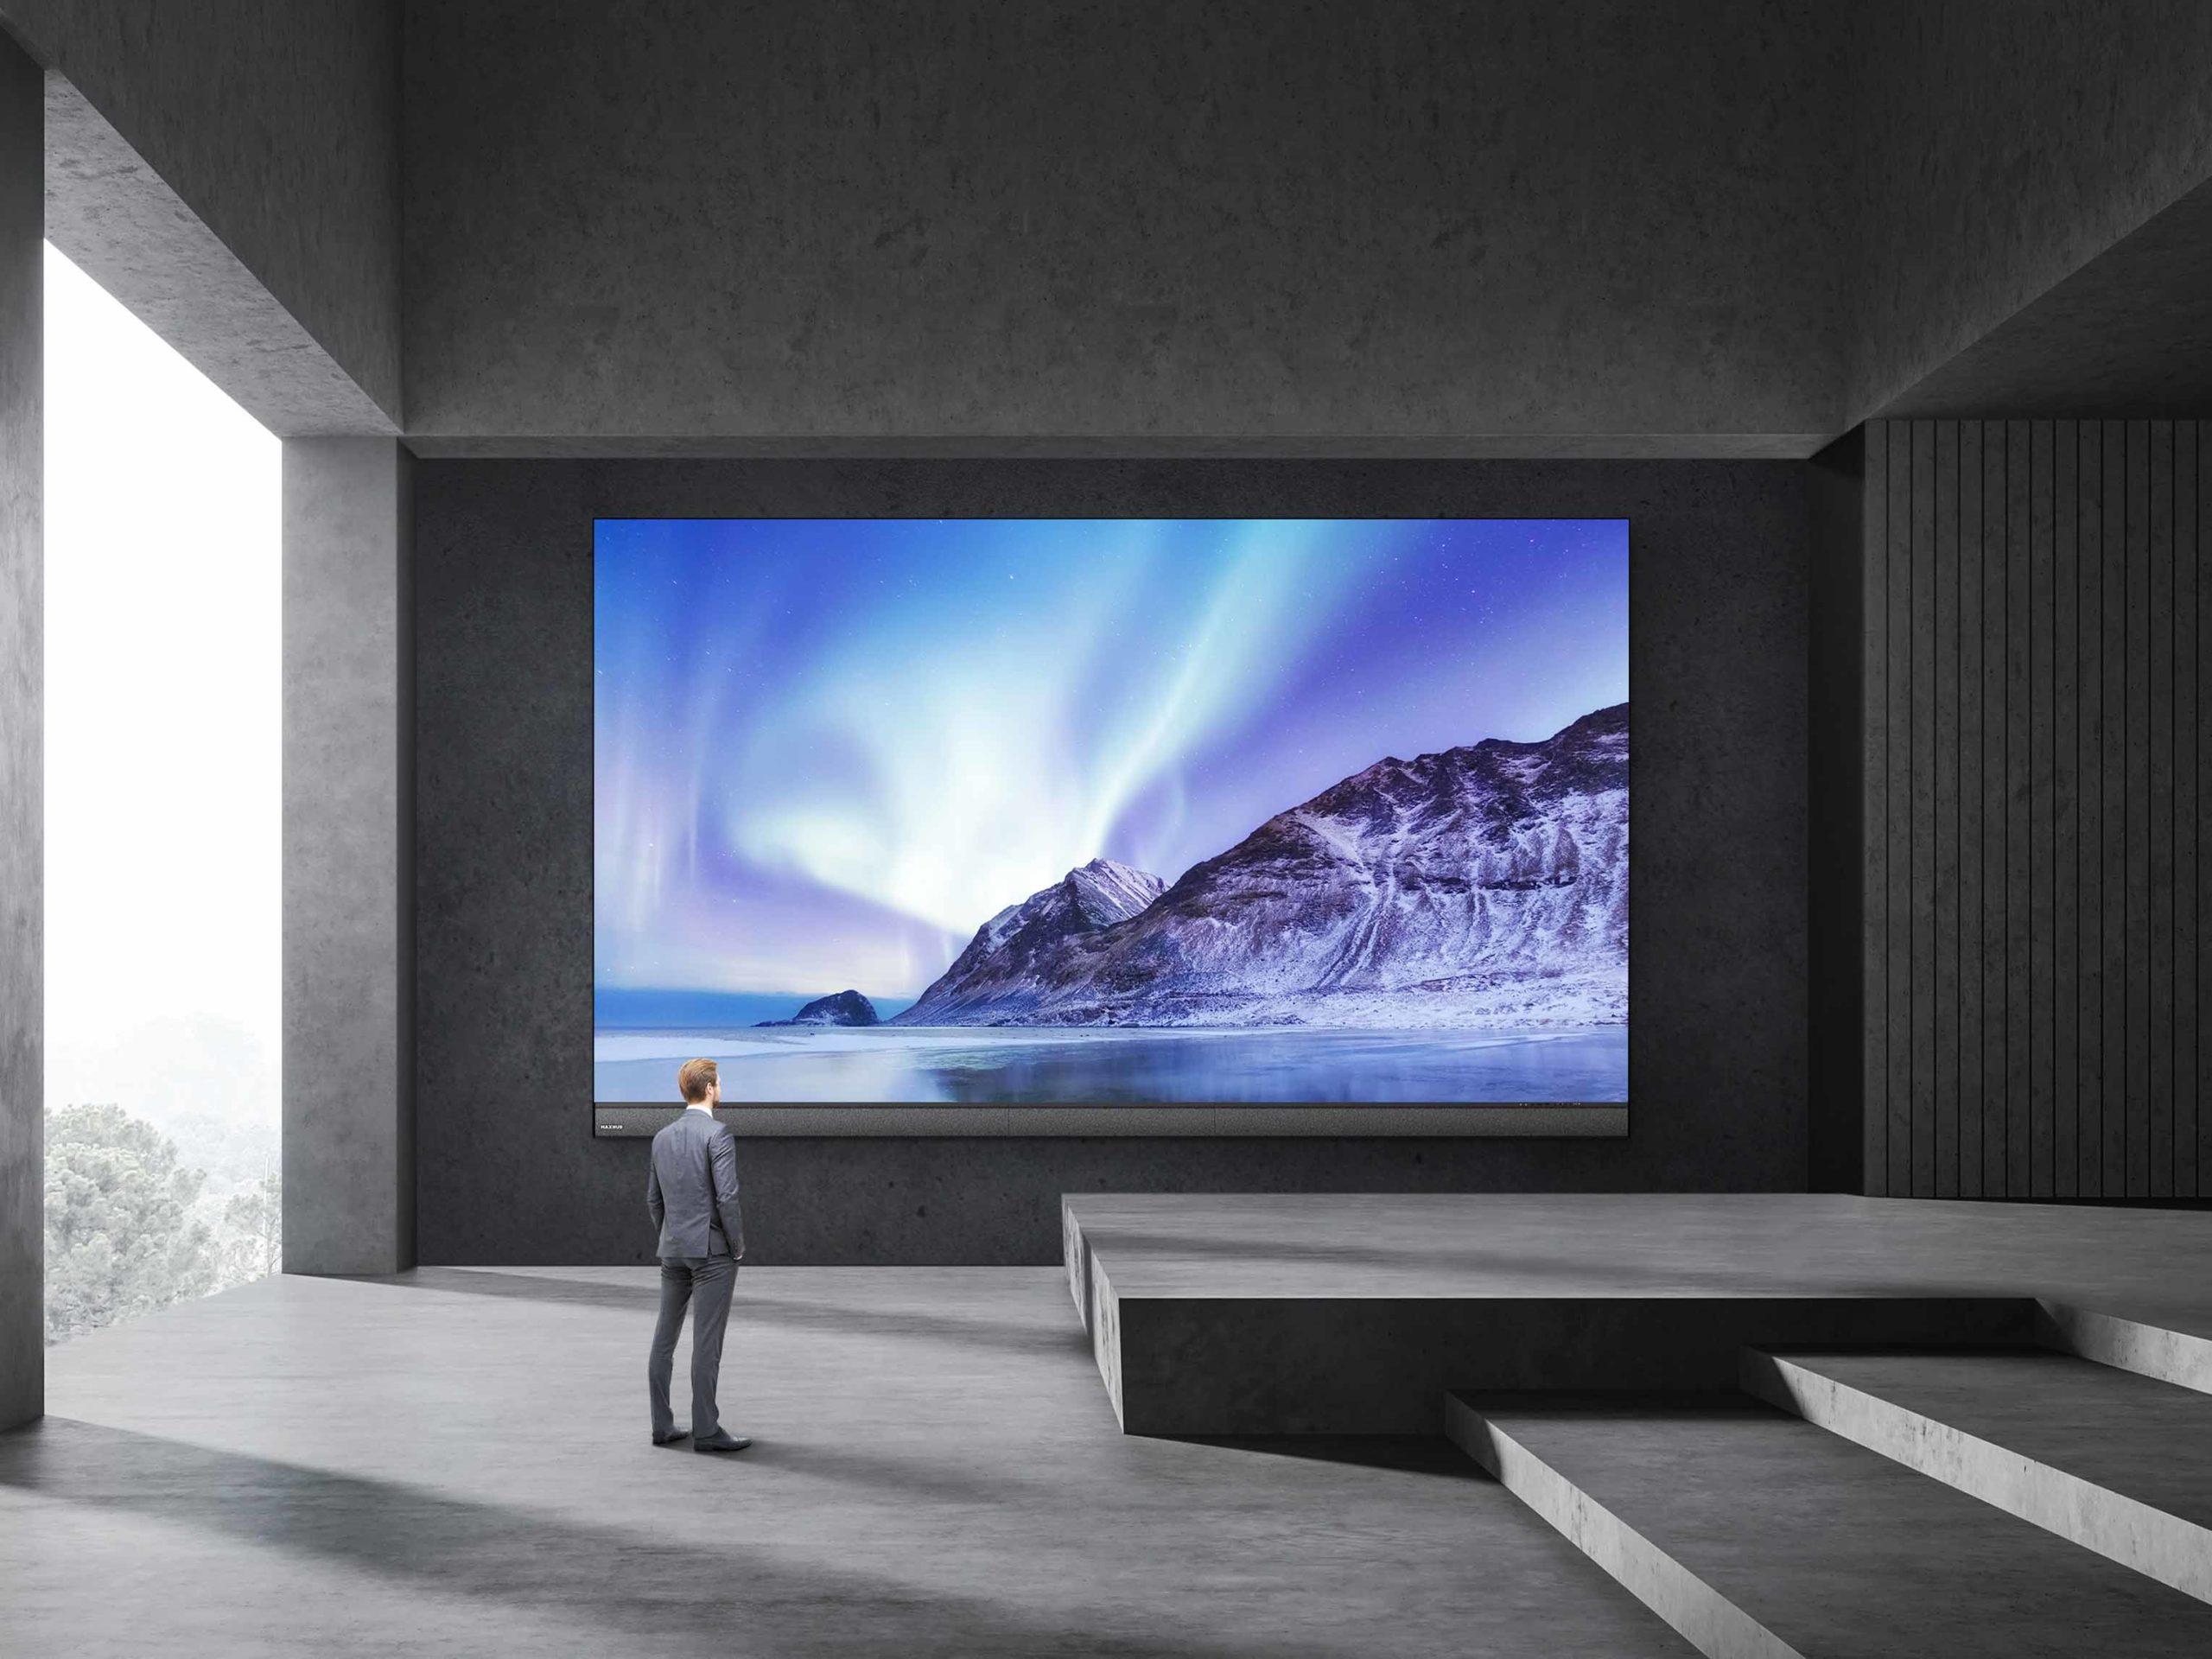 Cuando necesitas una pantalla realmente gigante, llega la Raptor Series de MAXHUB